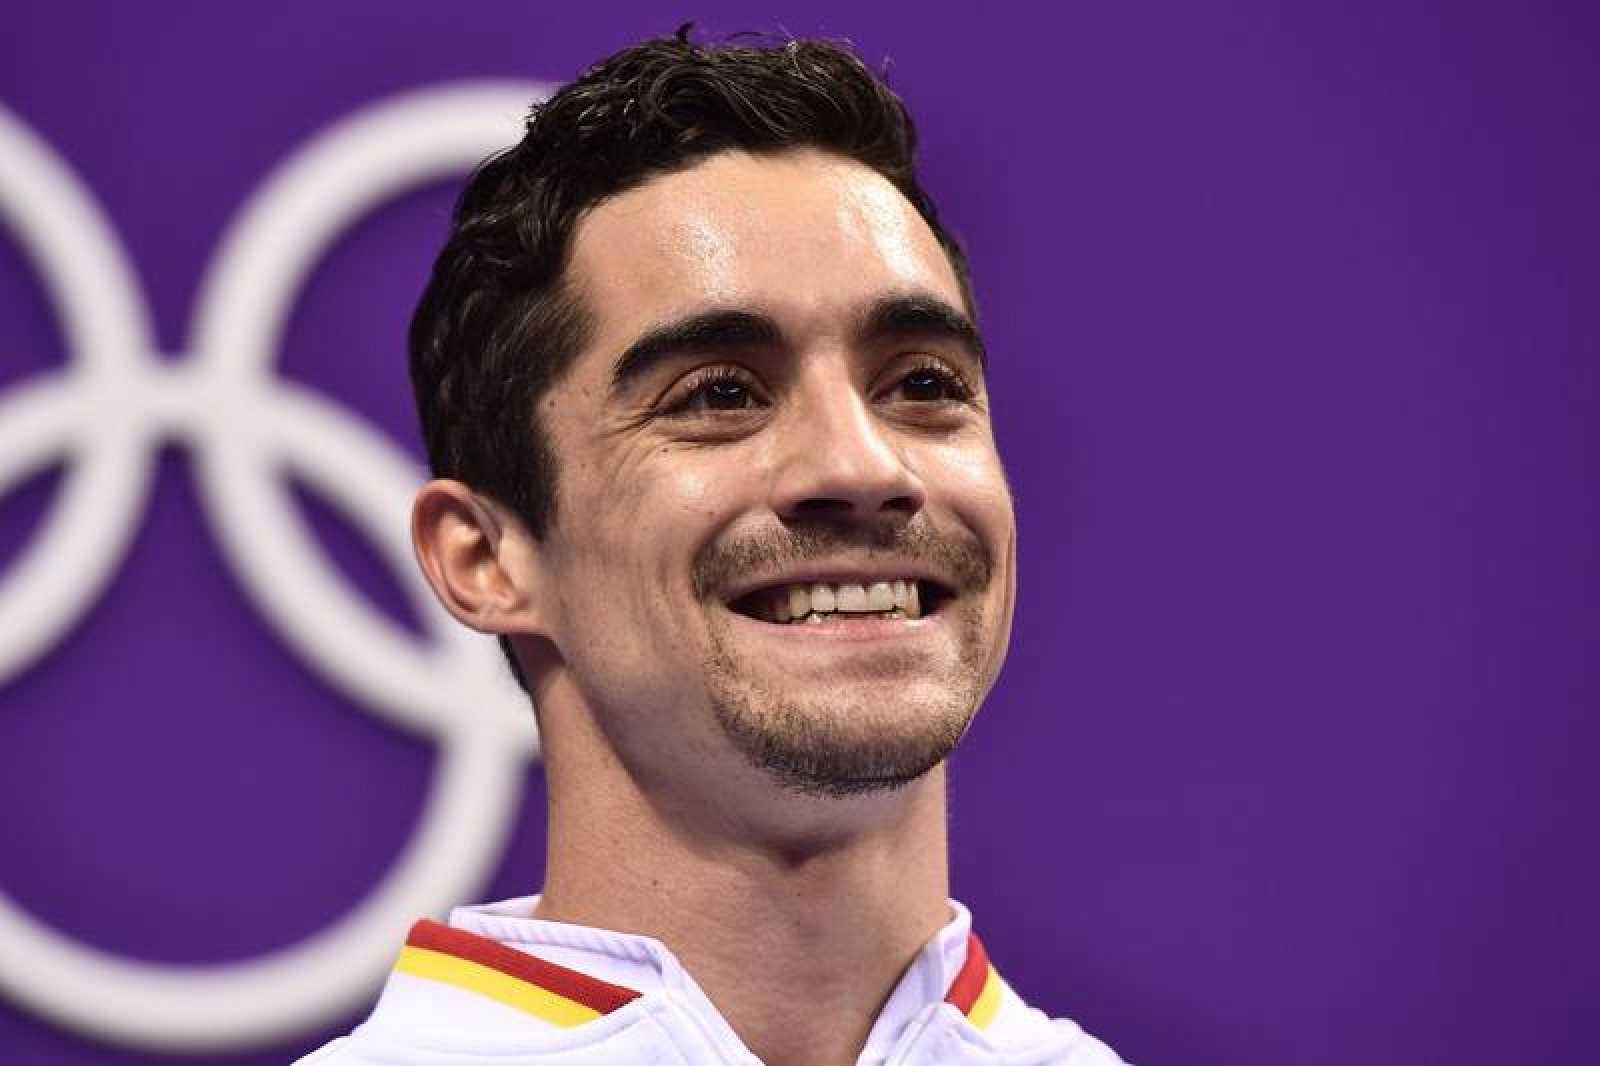 Javier Fernández sonríe tras su participación en el programa corto.